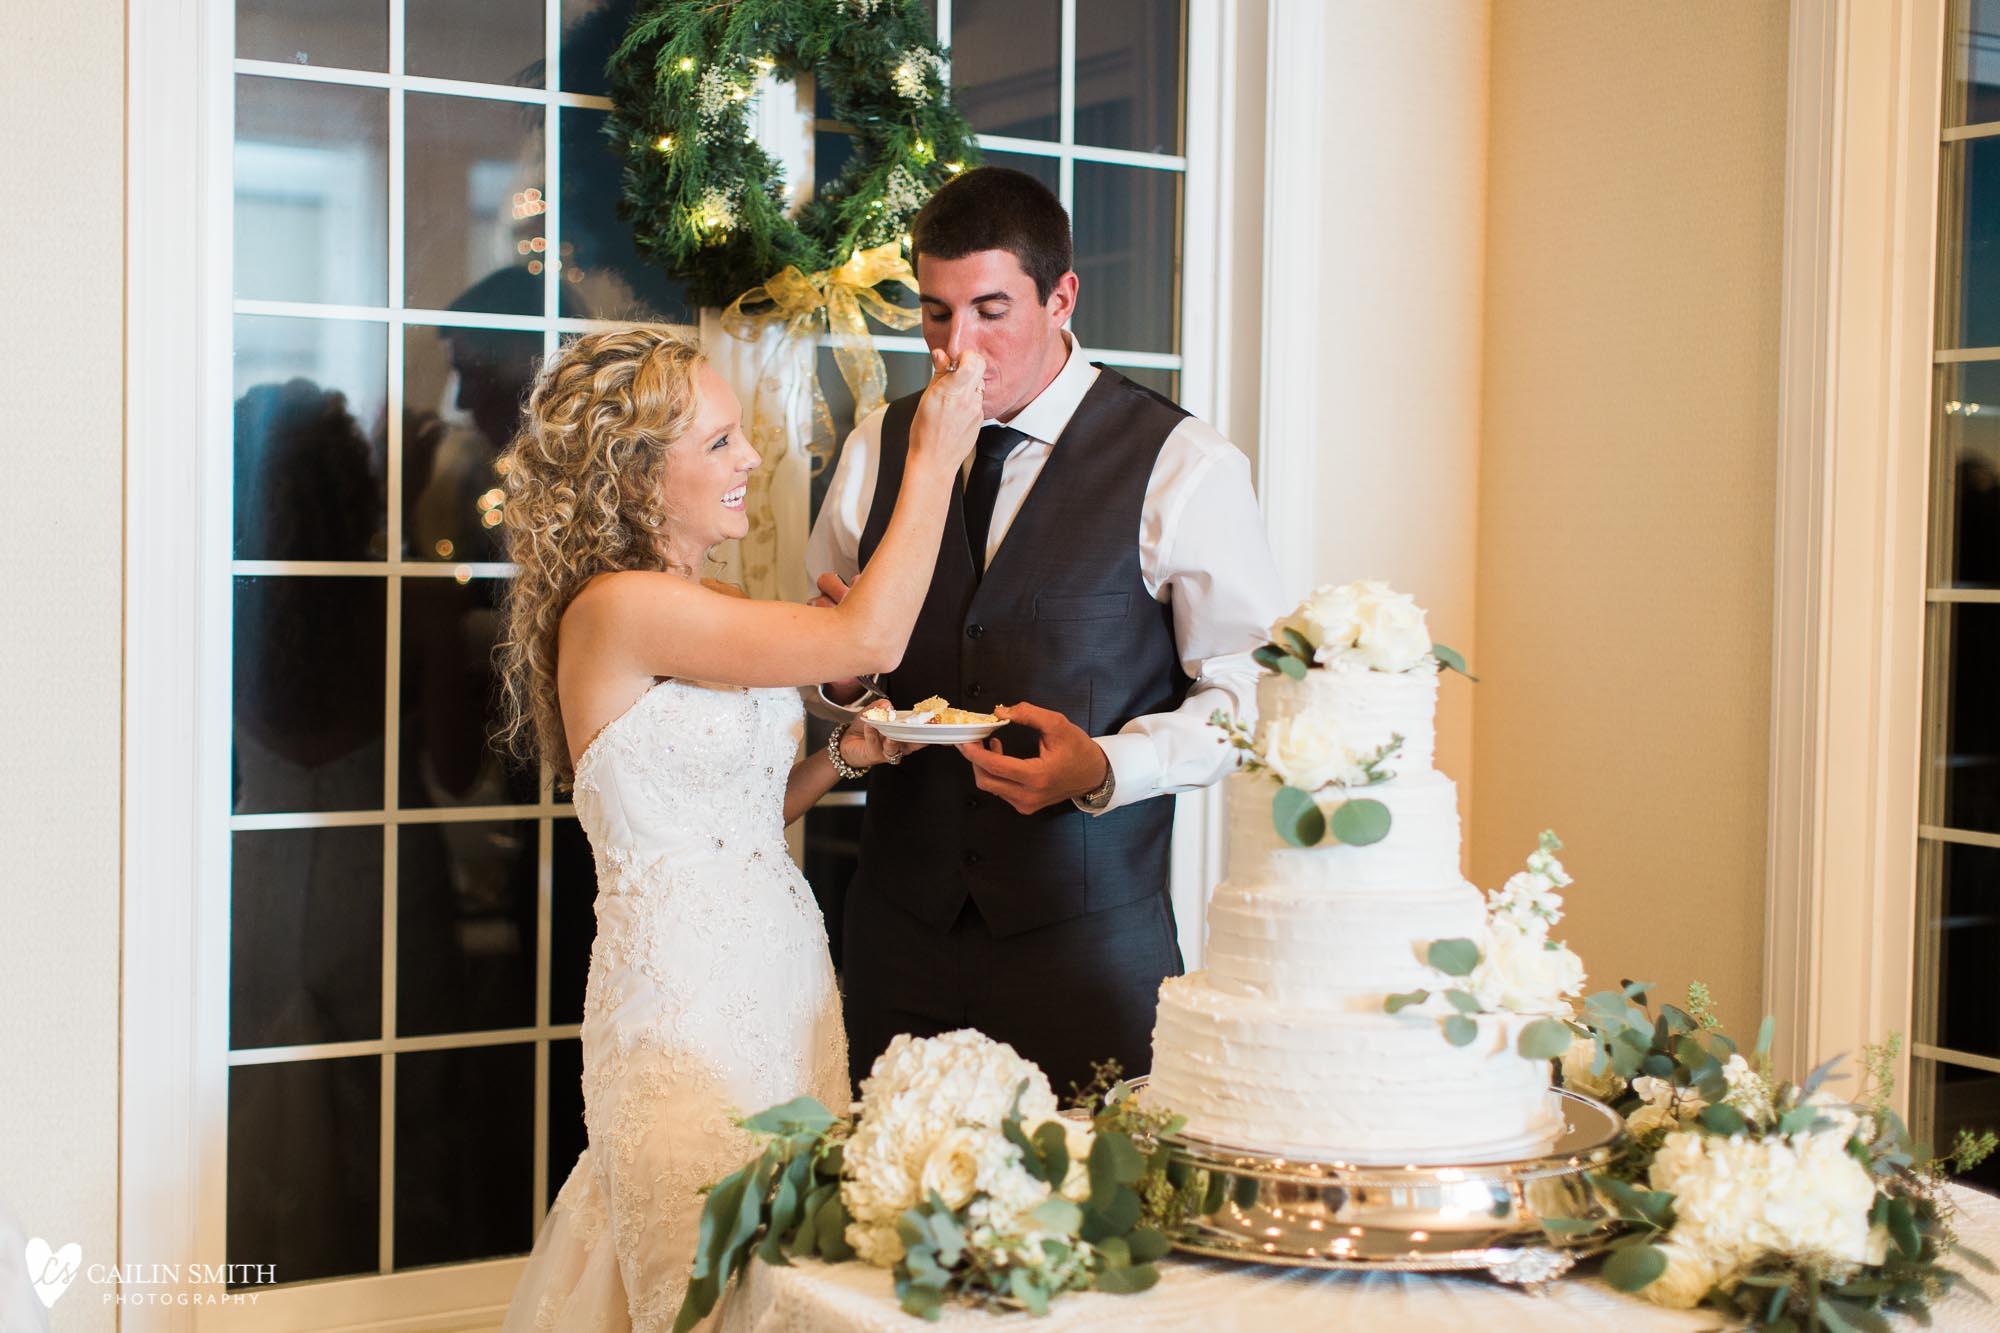 Leah_Major_St_Marys_Wedding_Photography_103.jpg